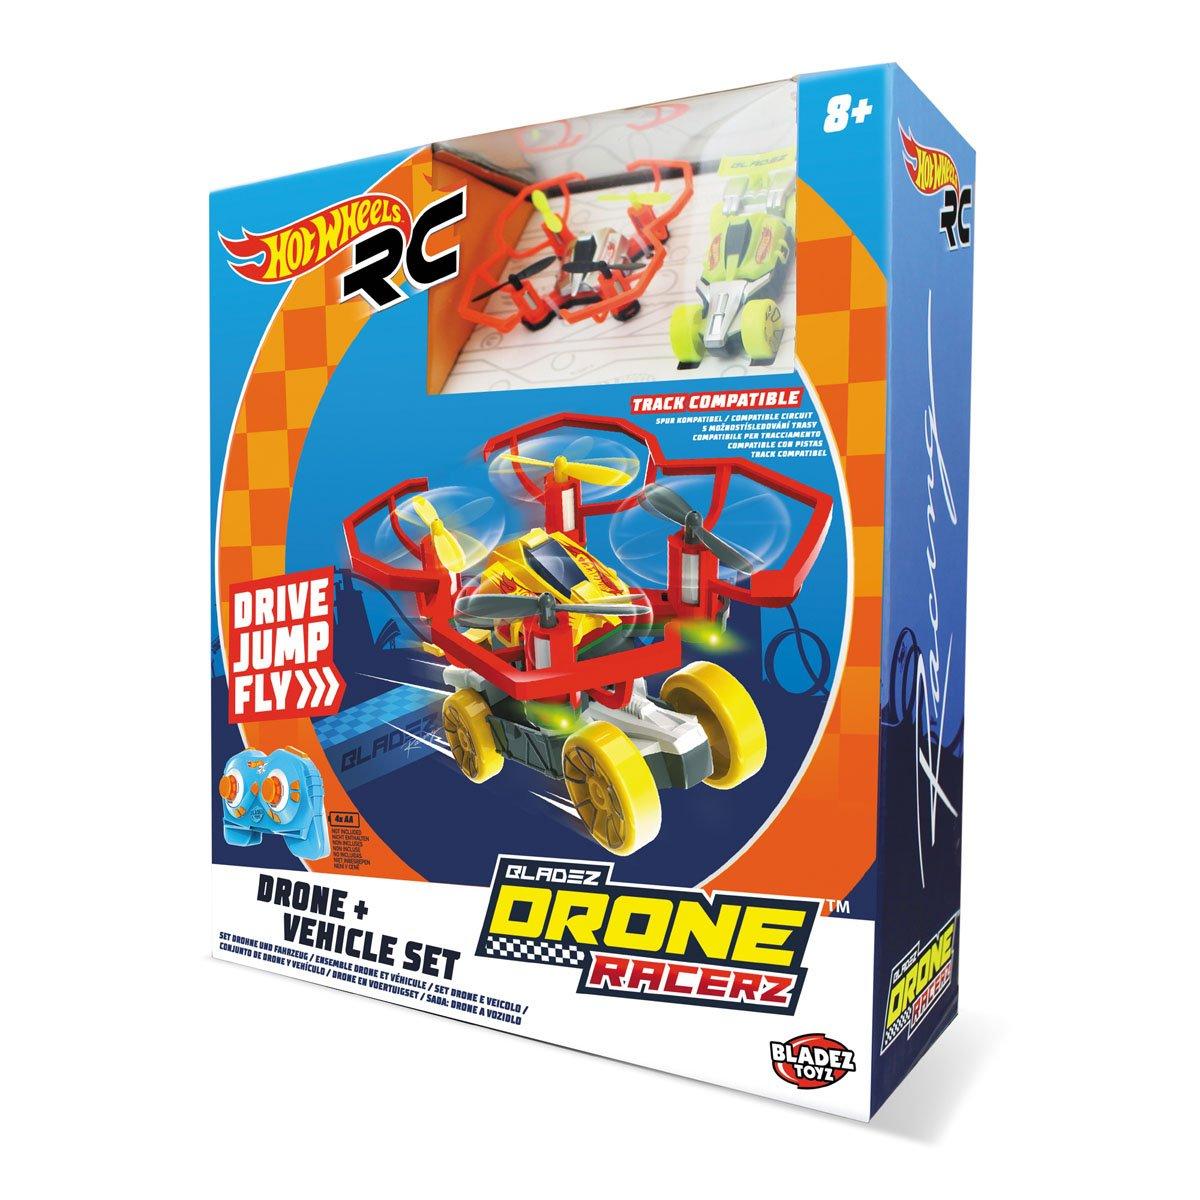 Hot Wheels-63568 Coche y Dron, Color Rojo (63568: Amazon.es ...